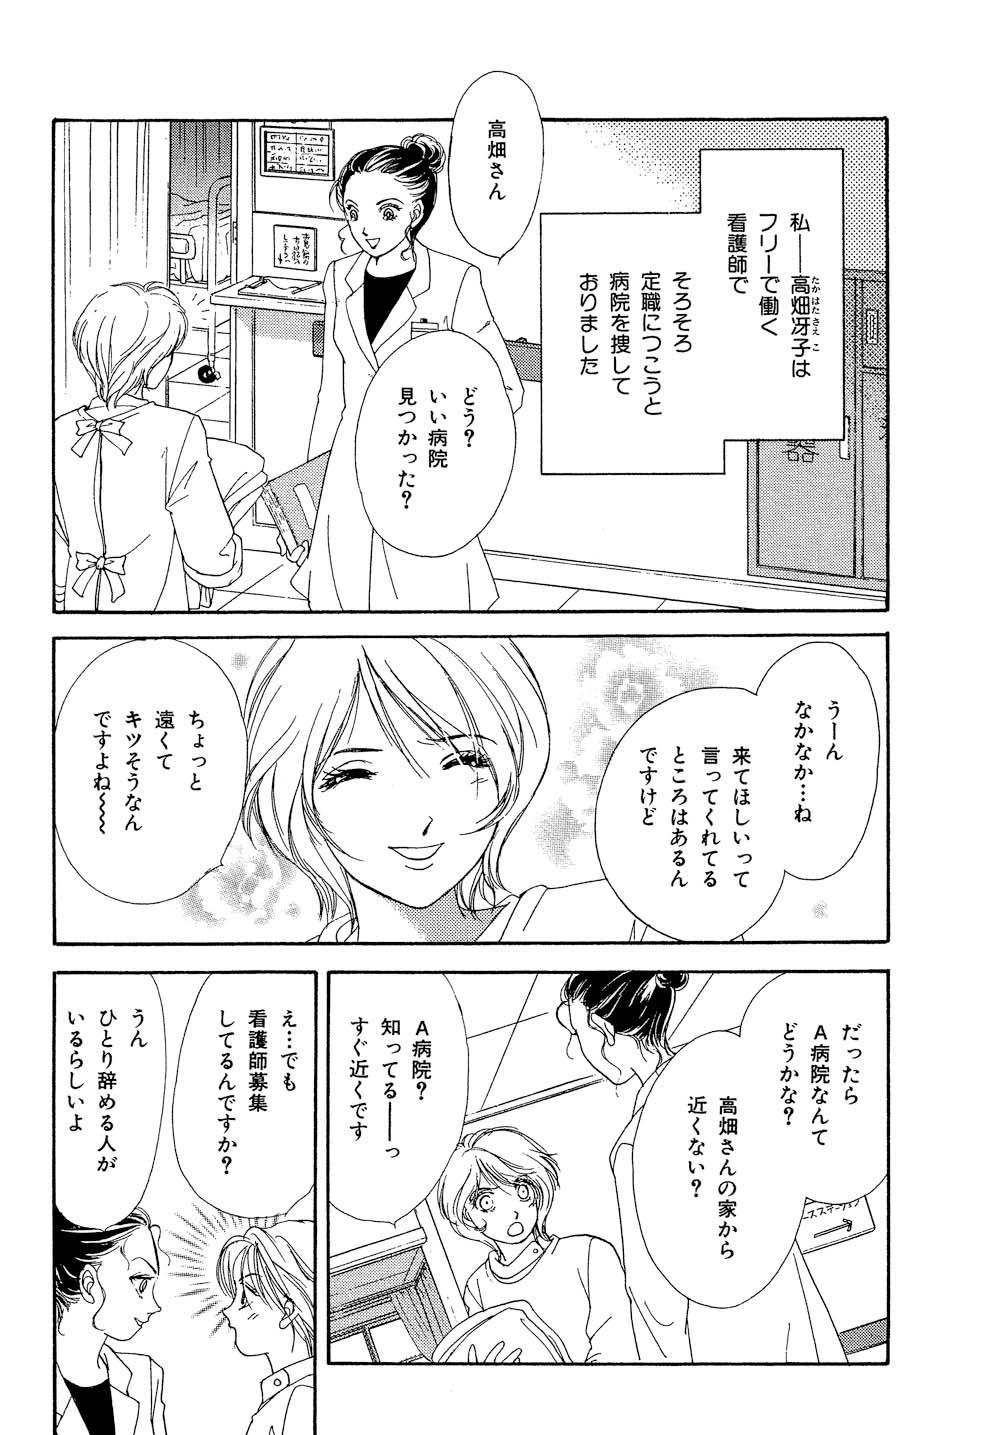 hakui_0001_0139.jpg